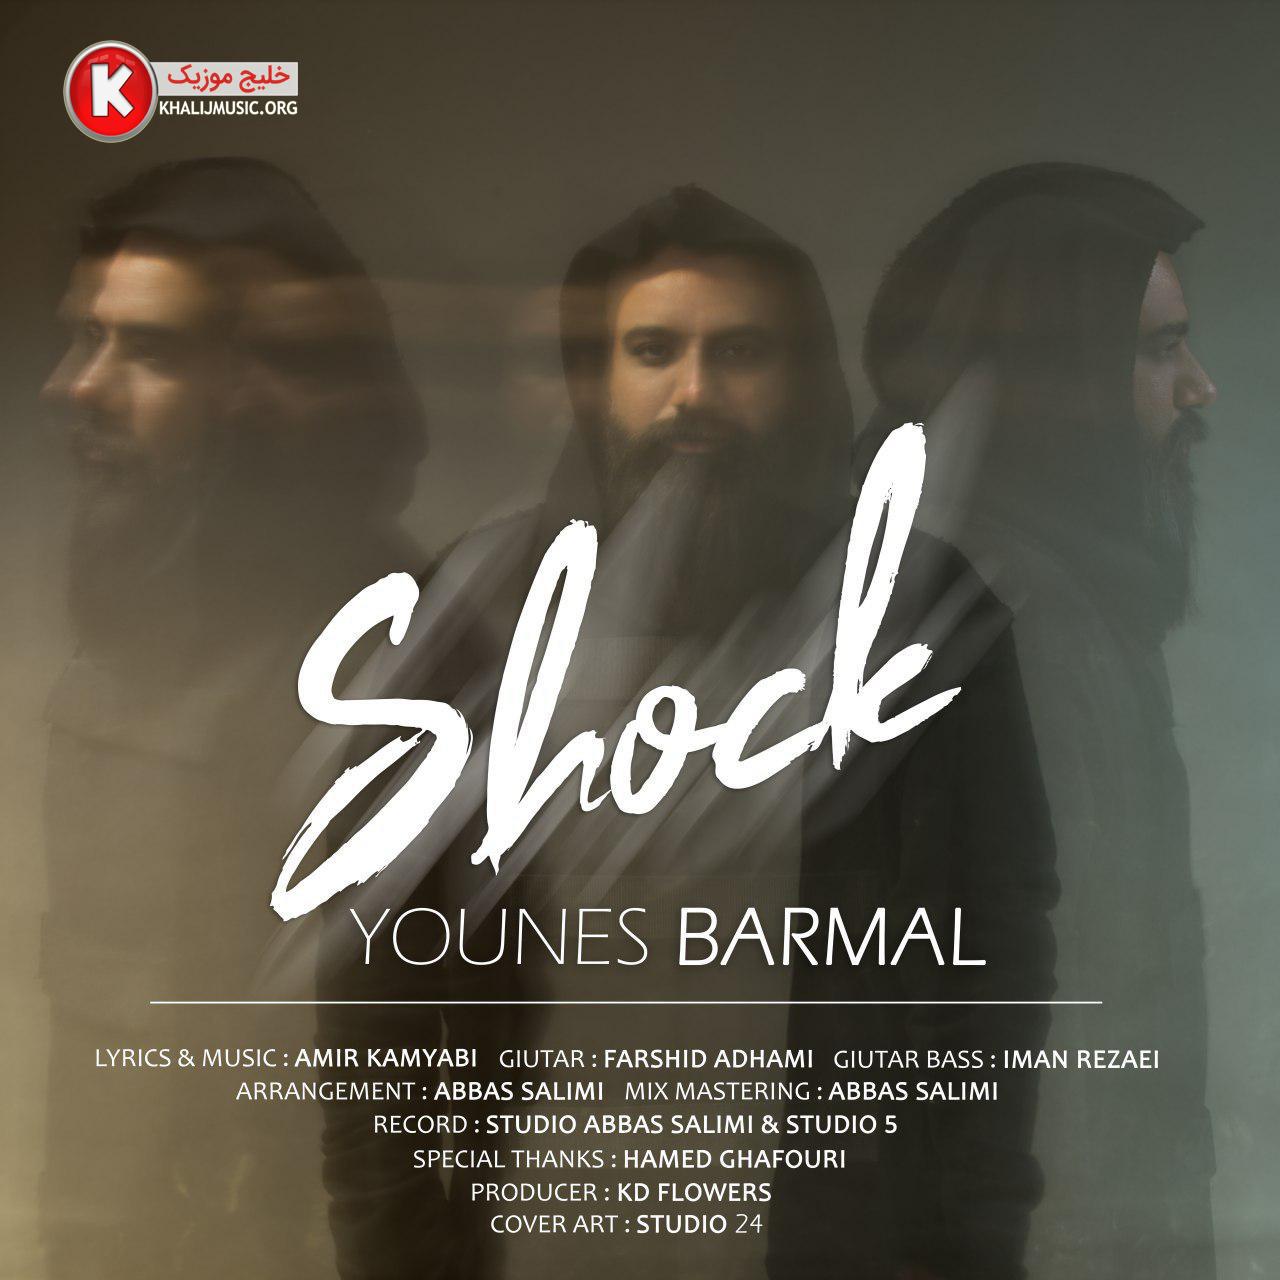 یونس برمال آهنگ جدید و بسیار زیبا و شنیدنی بنام شوک